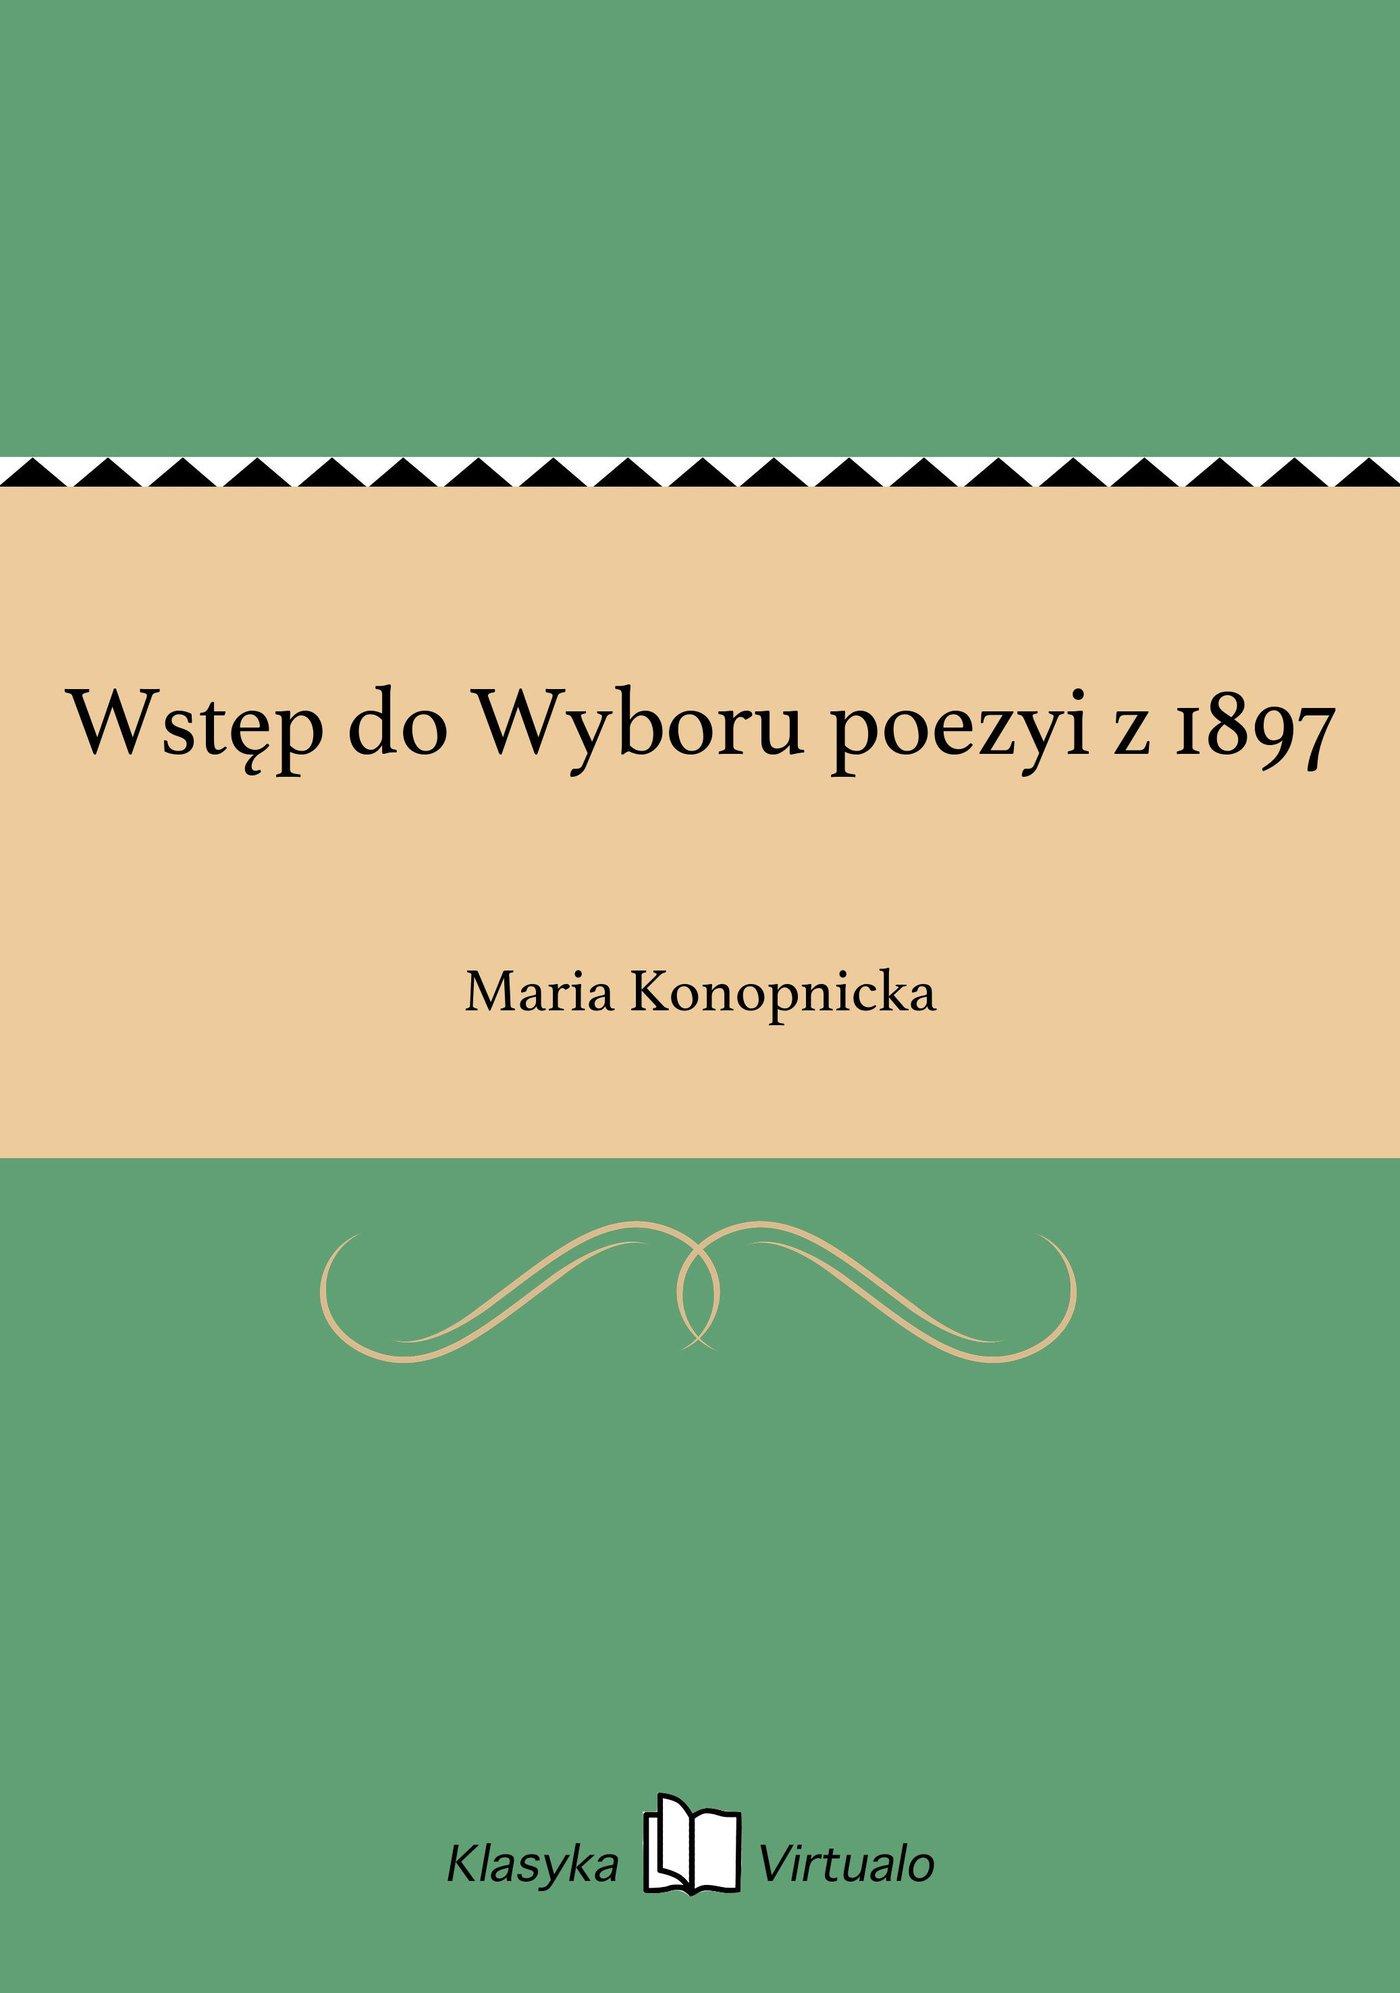 Wstęp do Wyboru poezyi z 1897 - Ebook (Książka EPUB) do pobrania w formacie EPUB